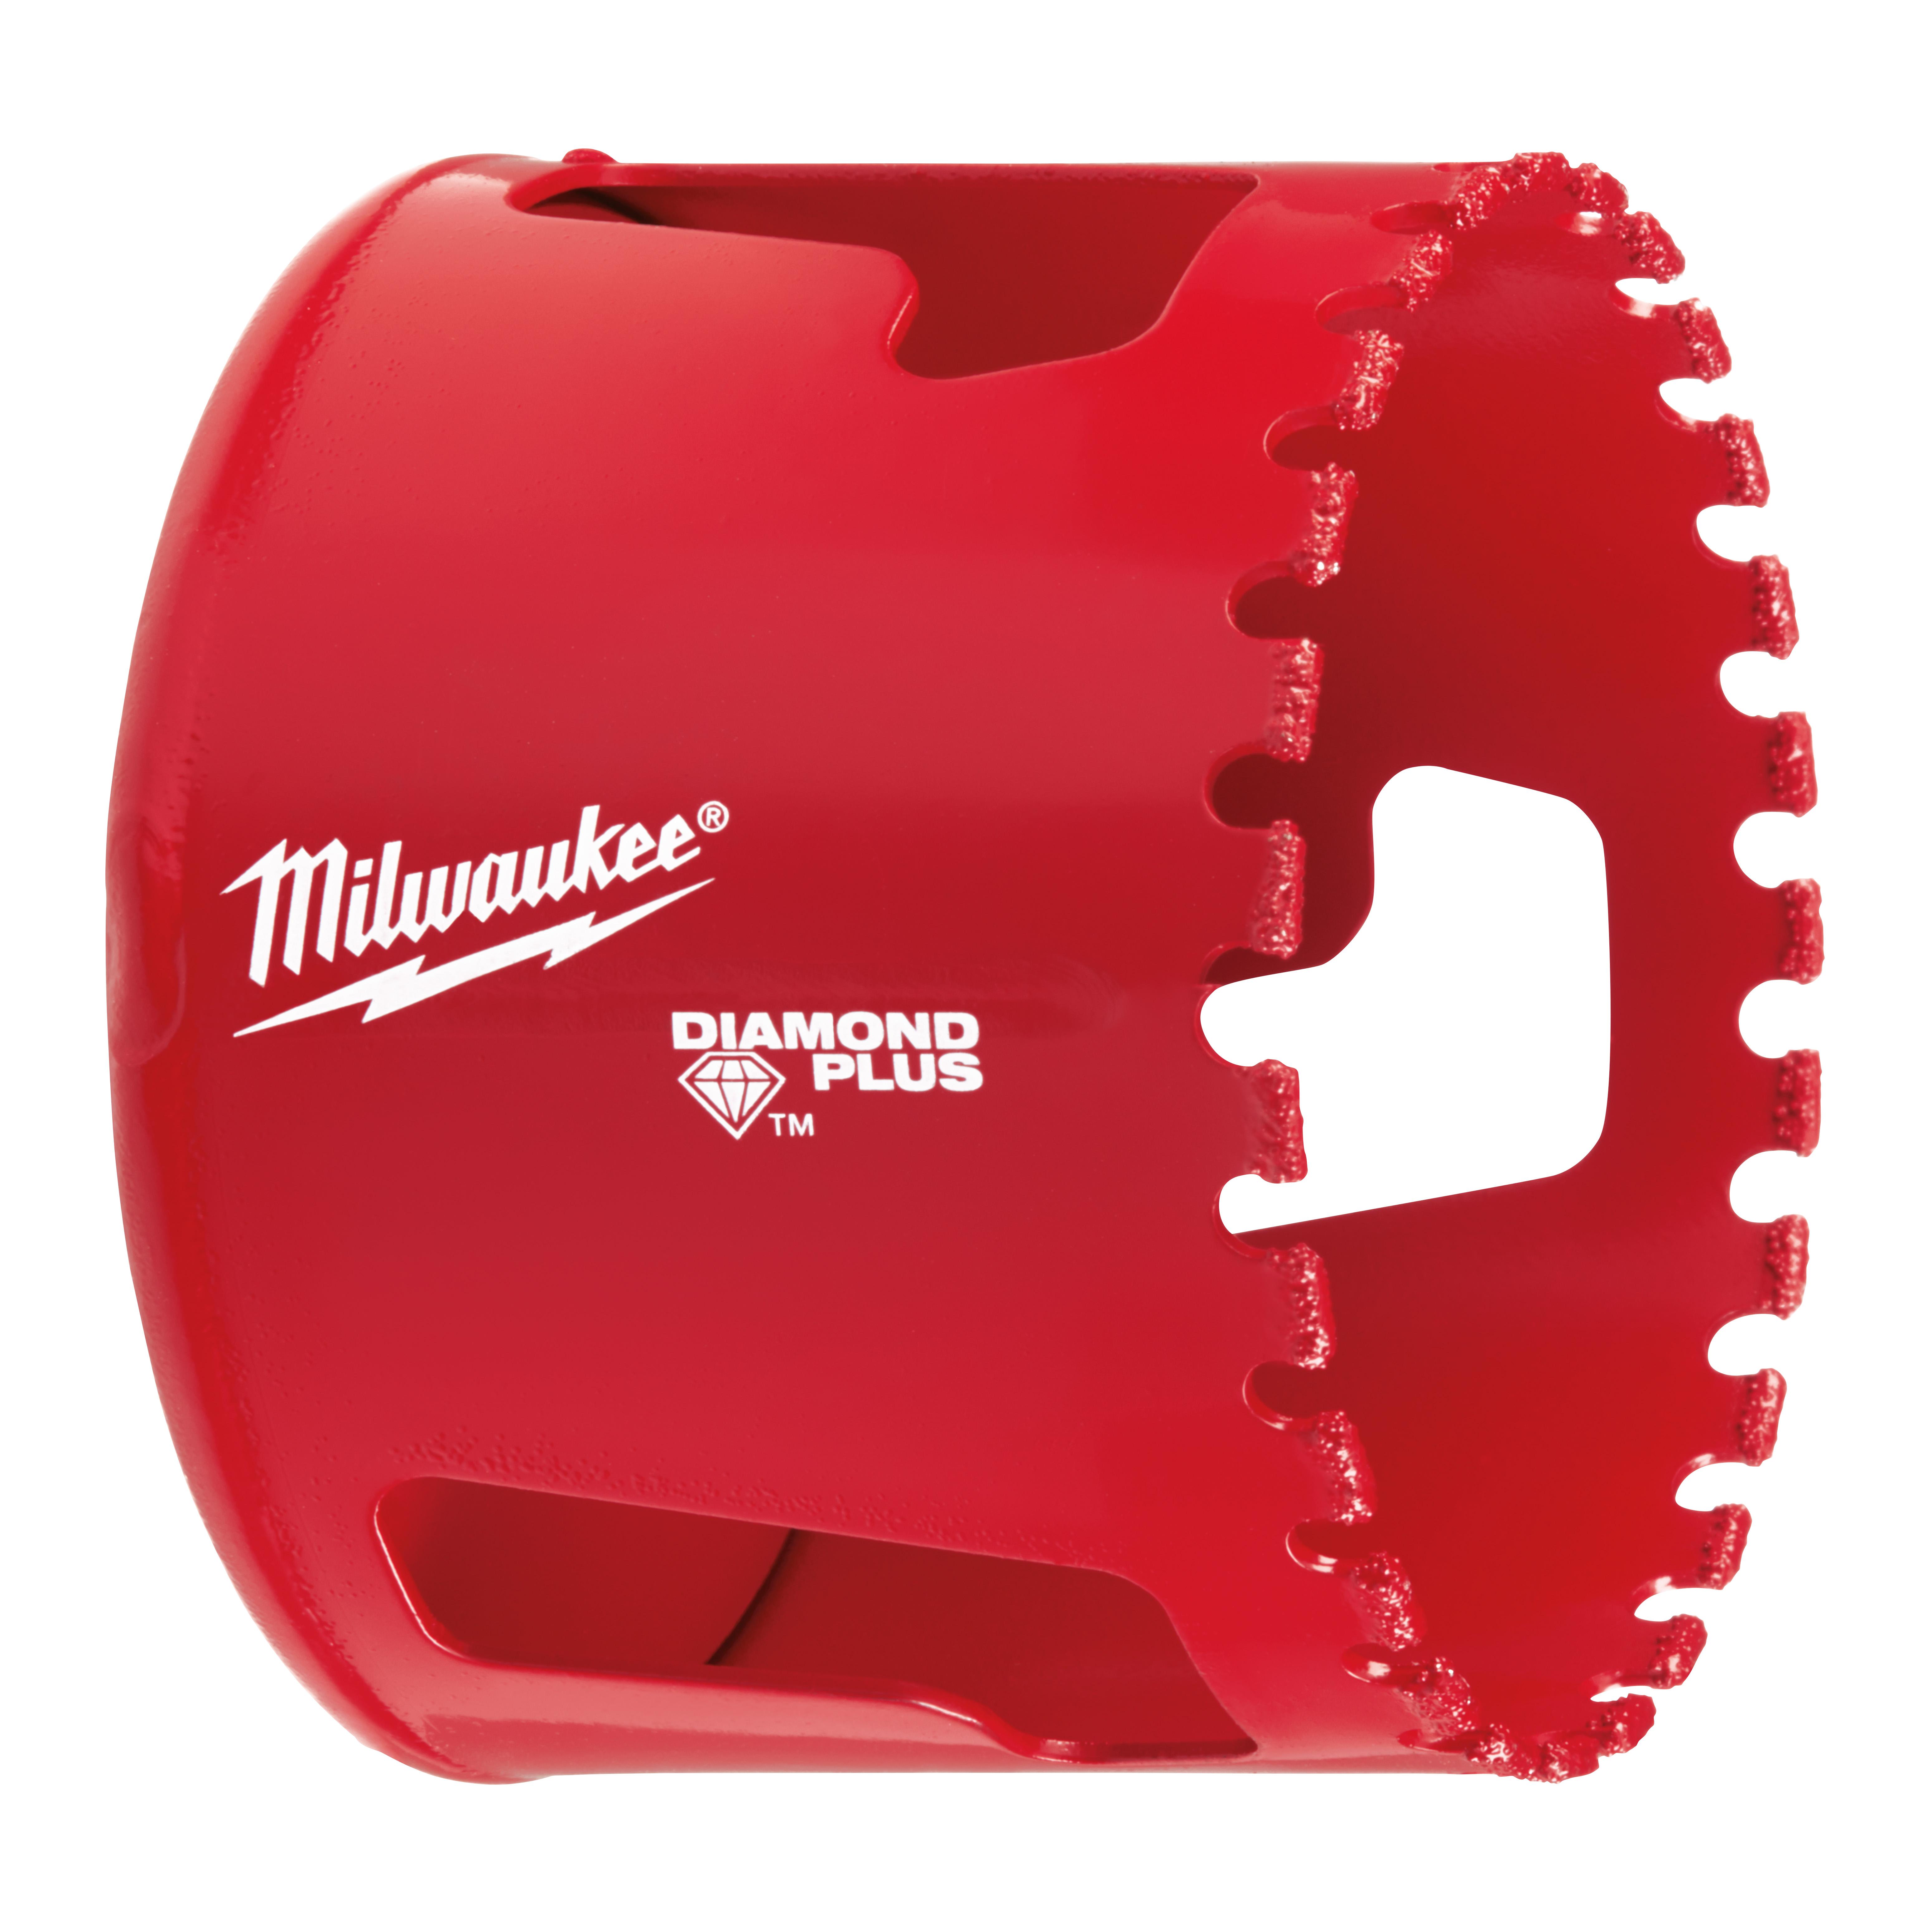 Milwaukee® Diamond Plus® Hole Dozer 49-56-5664 Diamond Grit Threaded Diamond Grit Threaded Hole Saw, 2-11/16 in Dia, 3/8 in Arbor